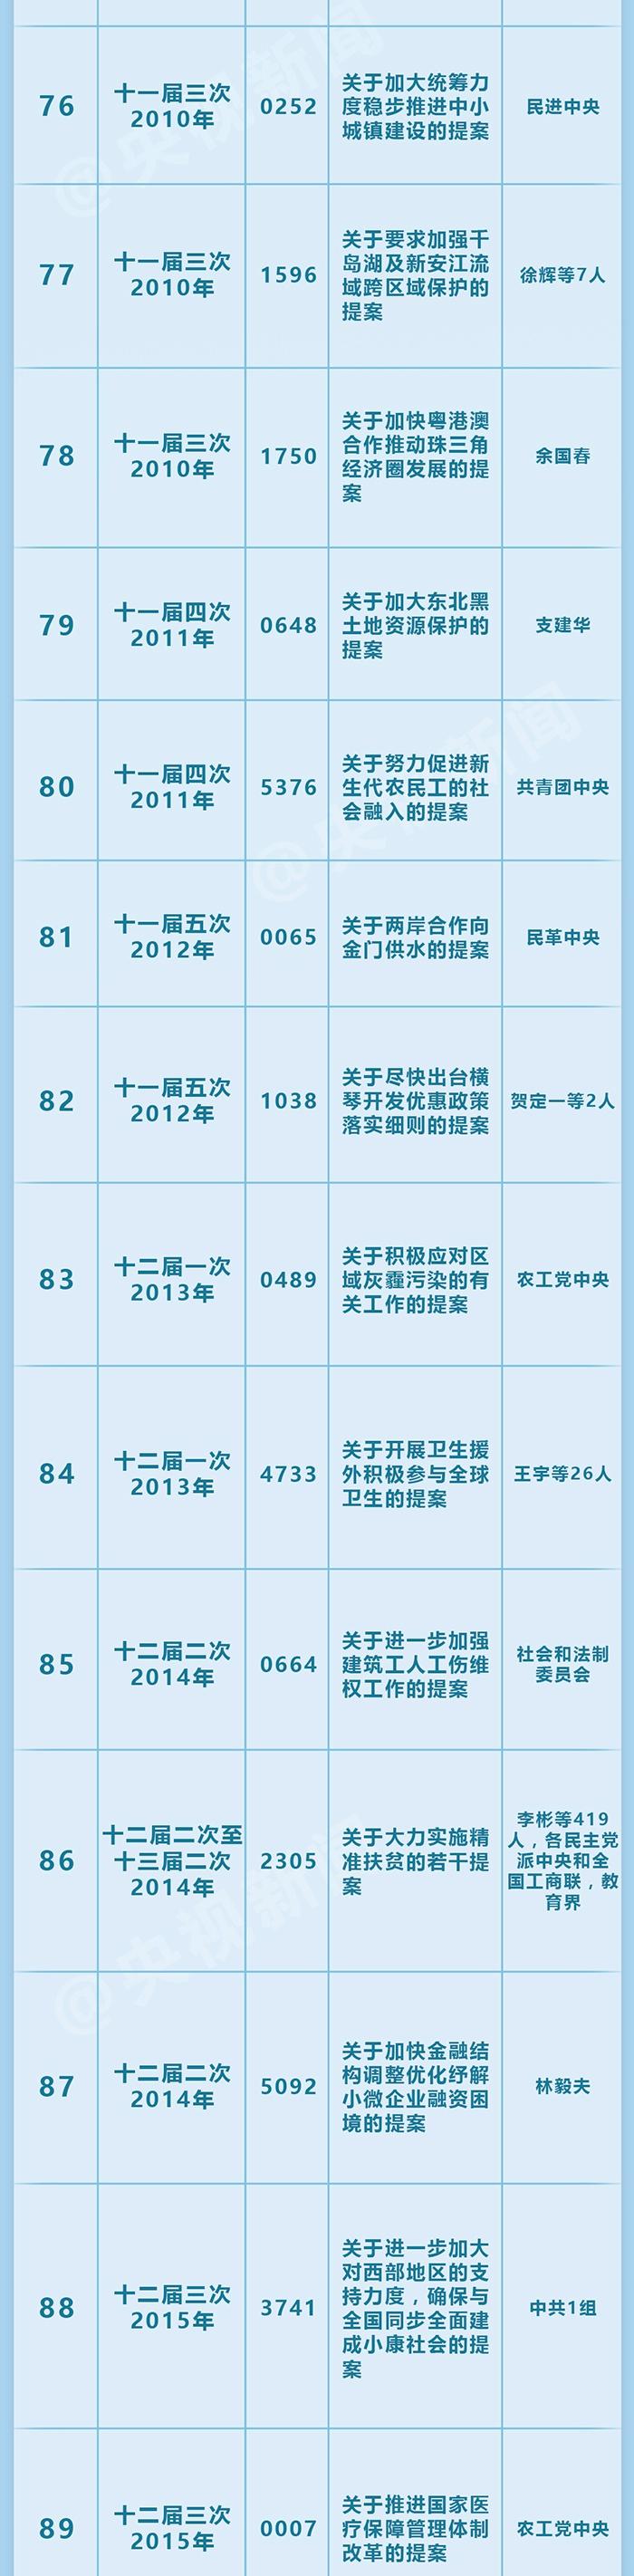 澳门美高梅国际打不开·上海新款医疗险最高保额达百万元 最高续保至100岁